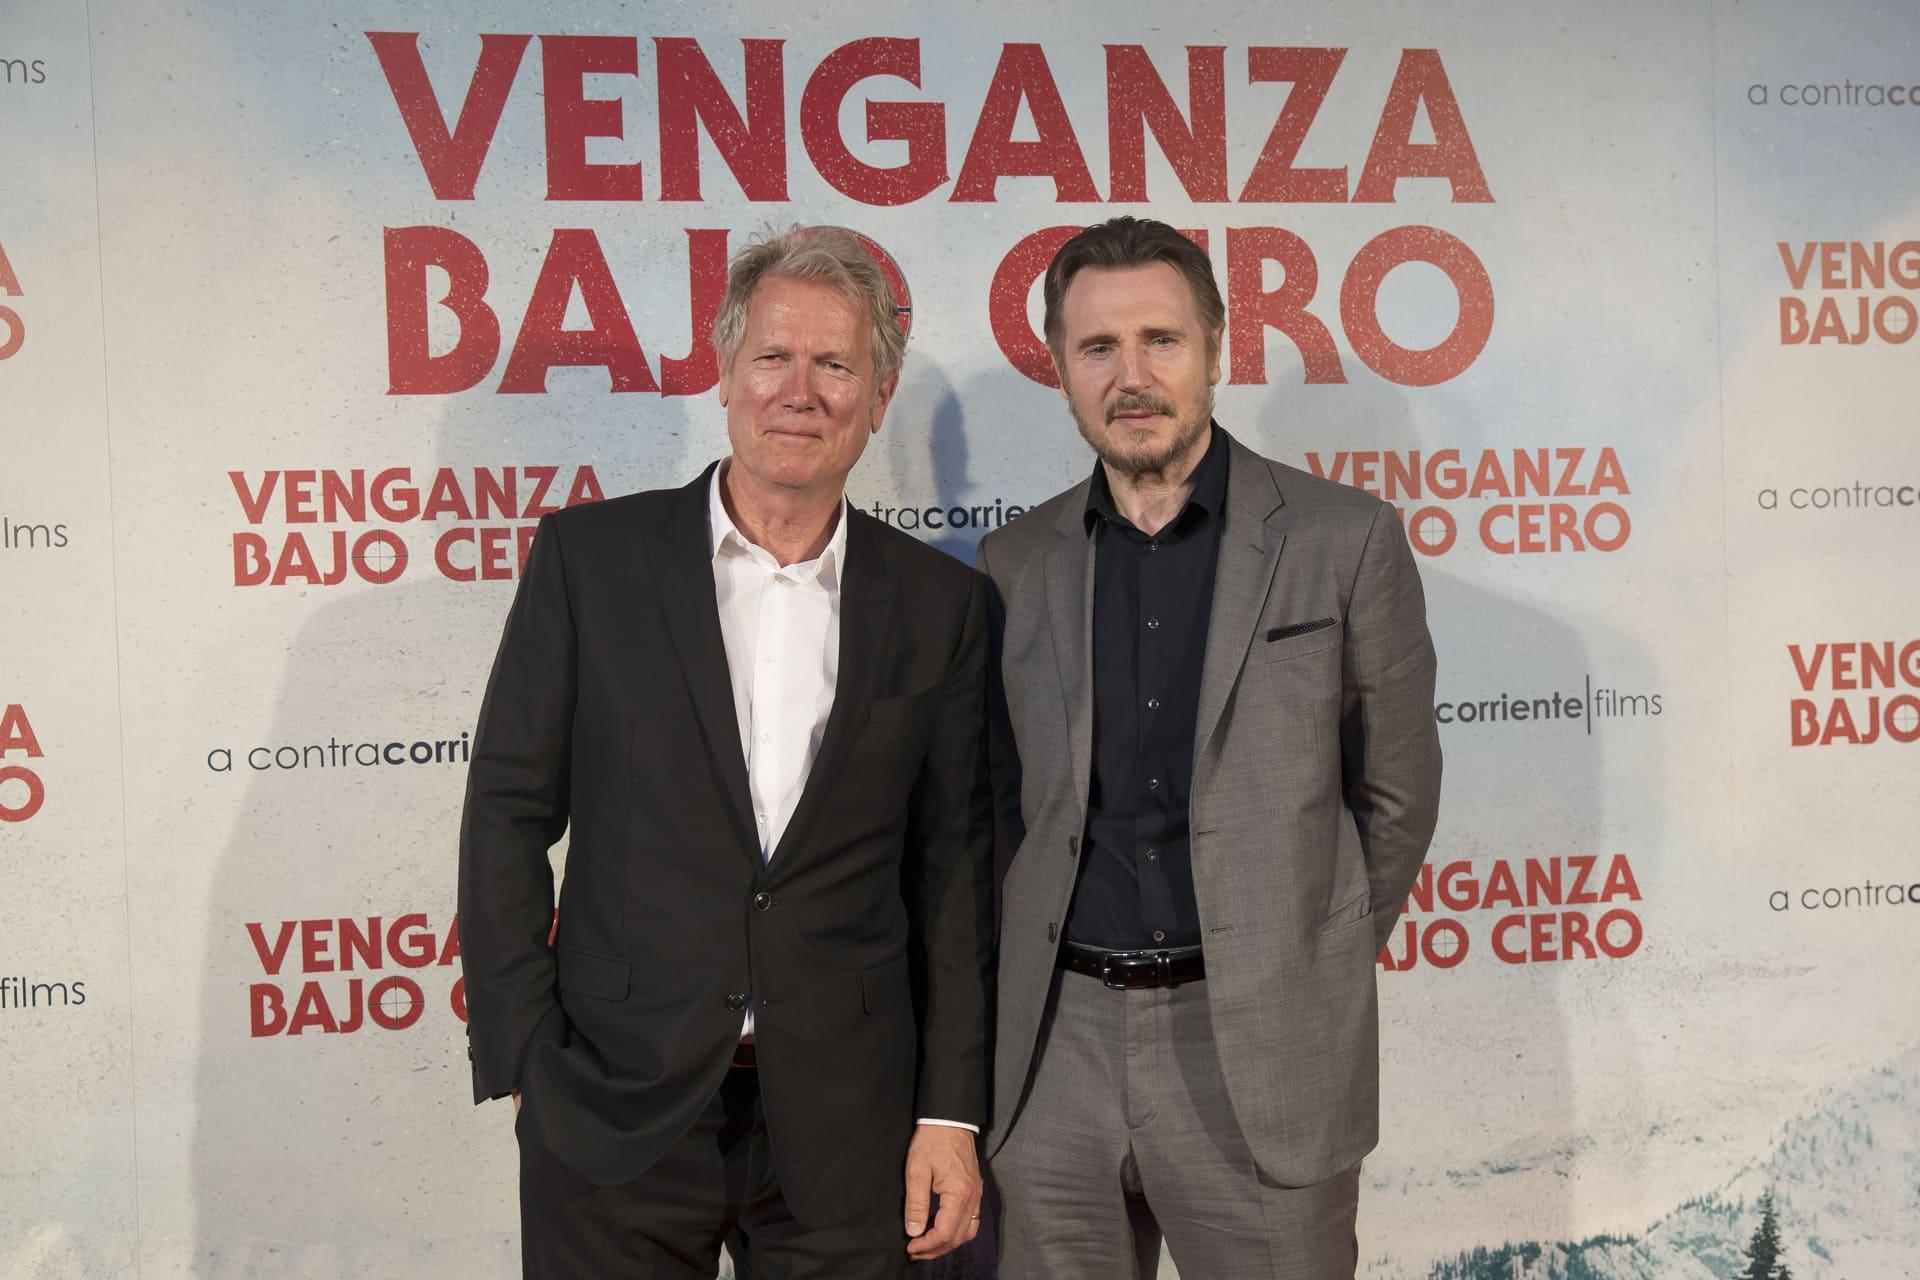 El Director Hans Petter Moland y Liam Neeson (Entrevista Venganza Bajo Cero)